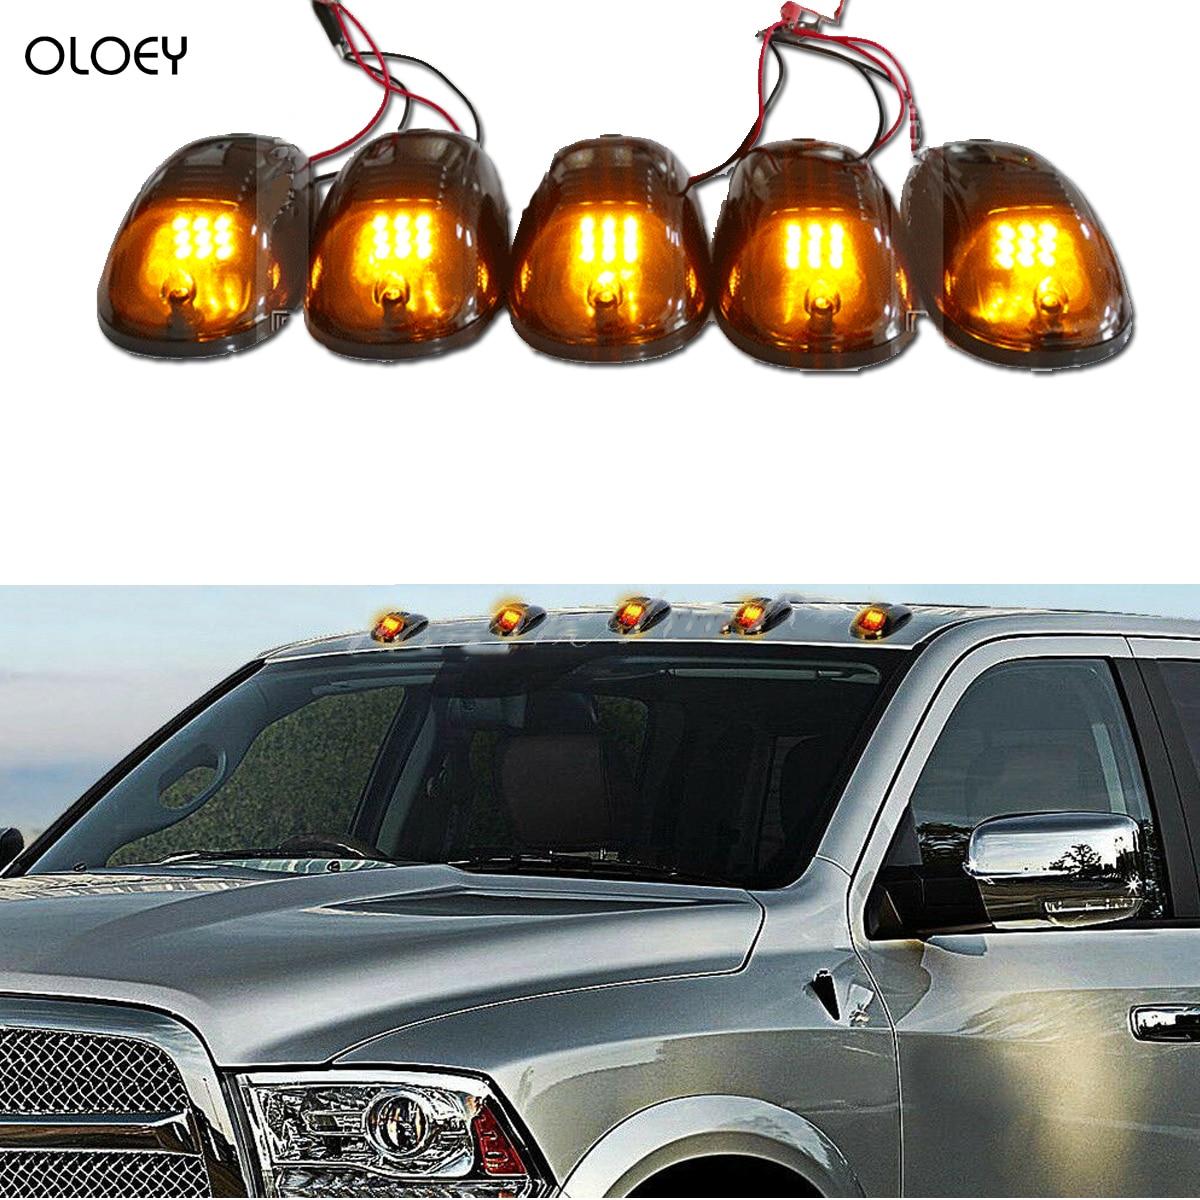 12-24V 5 Smoked Black 12 LED Cab Roof Top Marker Running Clearance Light For Dodge Ram Yj Wrangler Tacoma Car Side Marker Lights